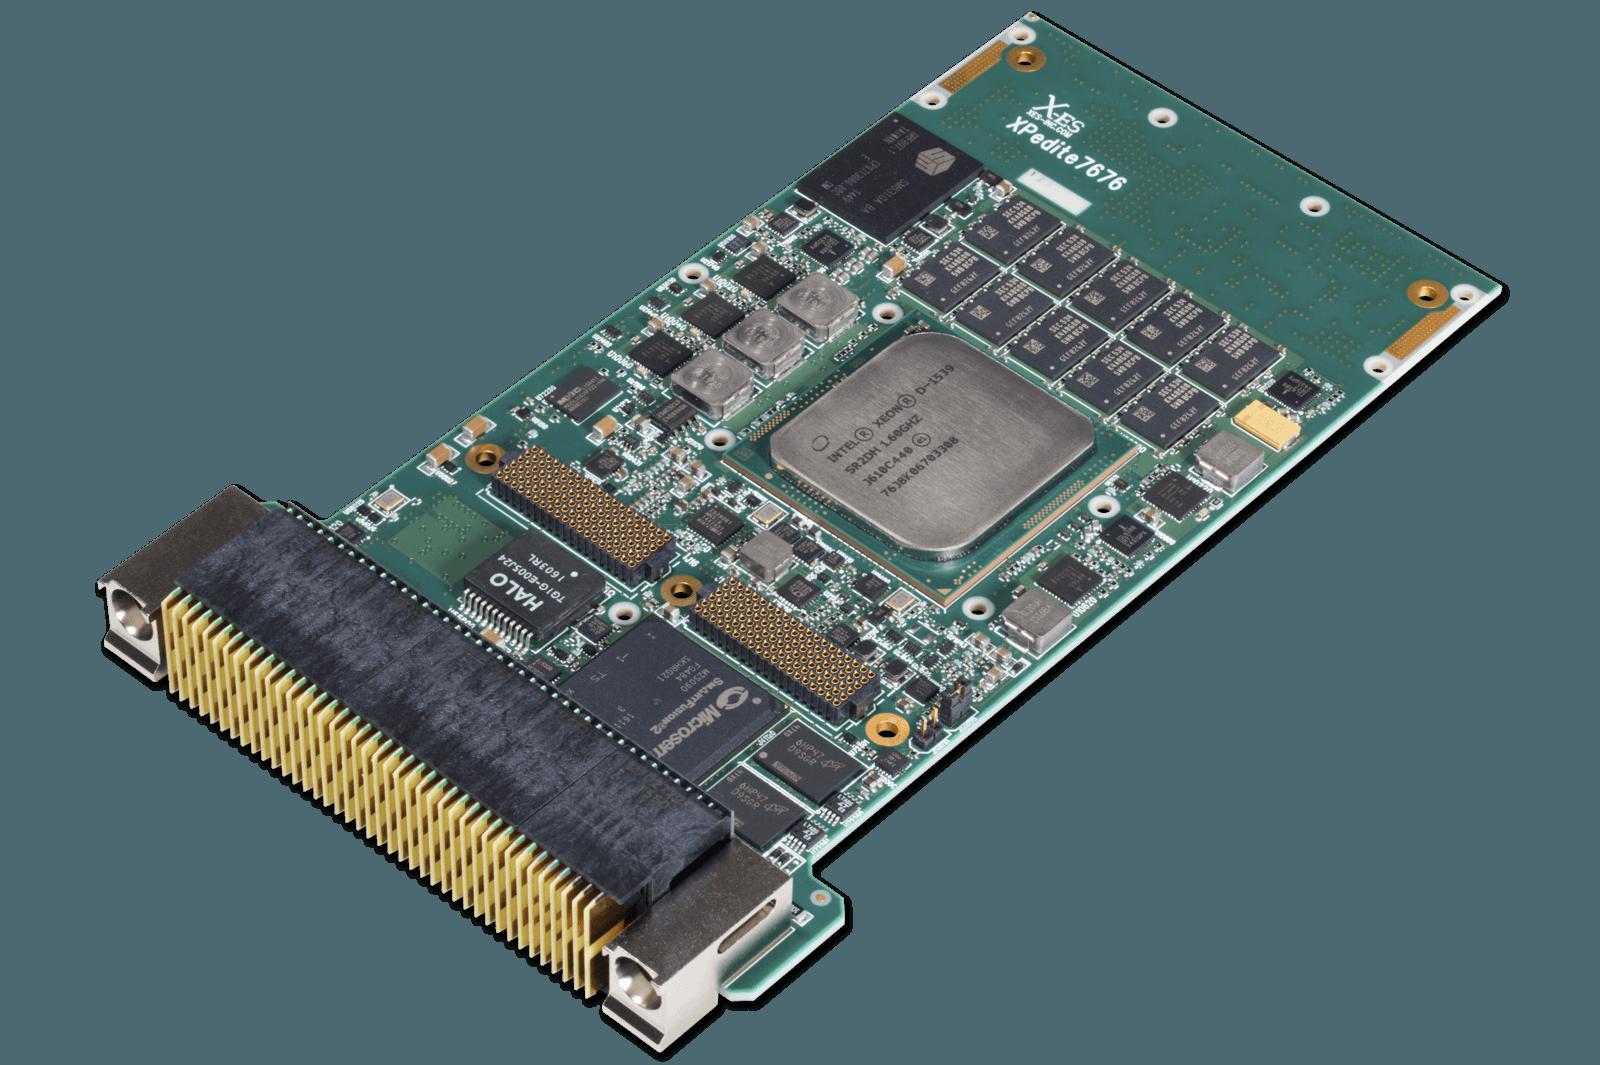 XPedite7676 3U VPX Intel Xeon D SBC